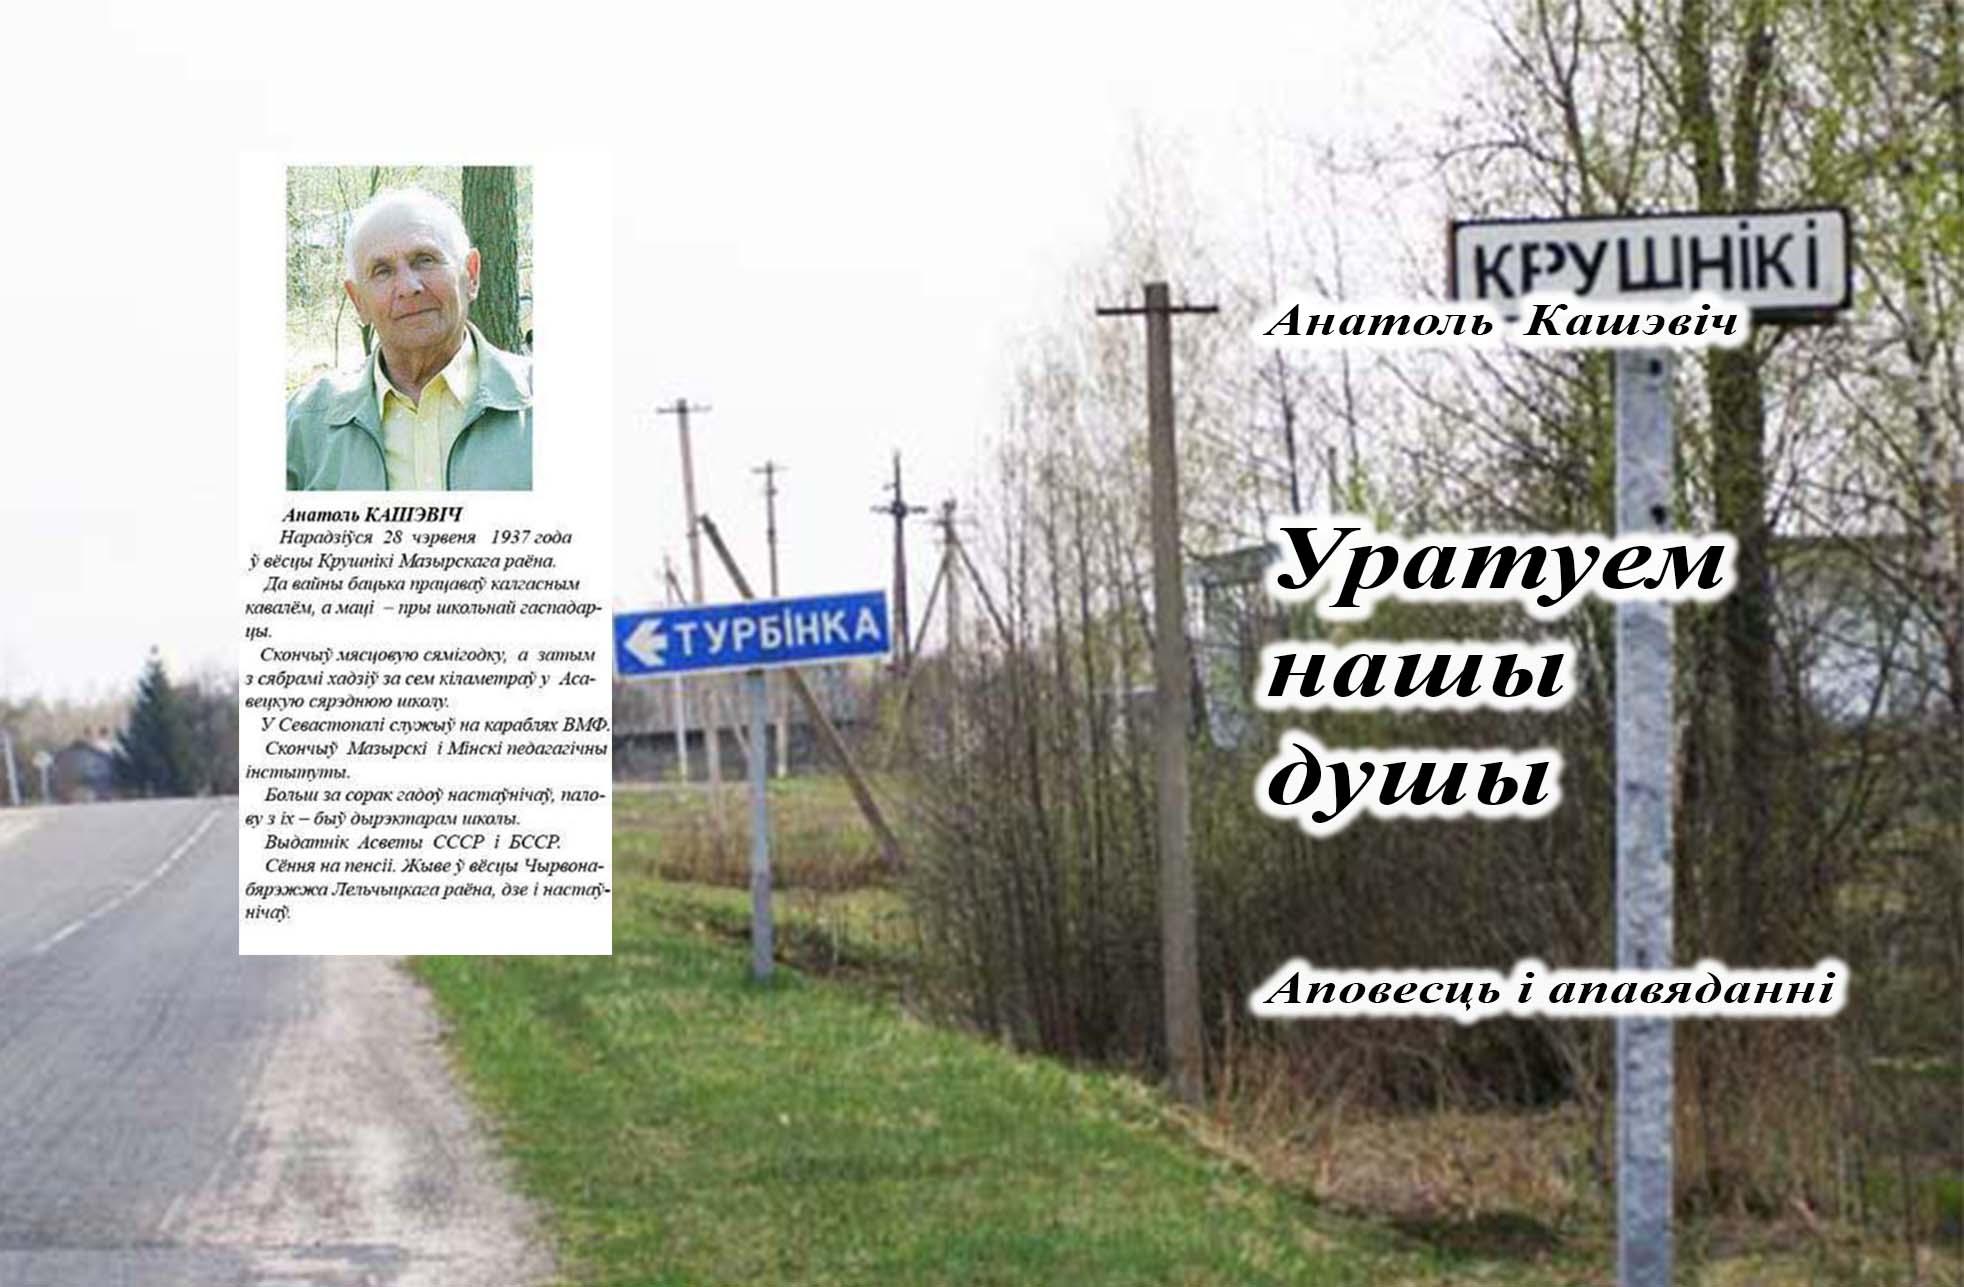 На фото: Уратуем нашы душы, автор: Kashevich